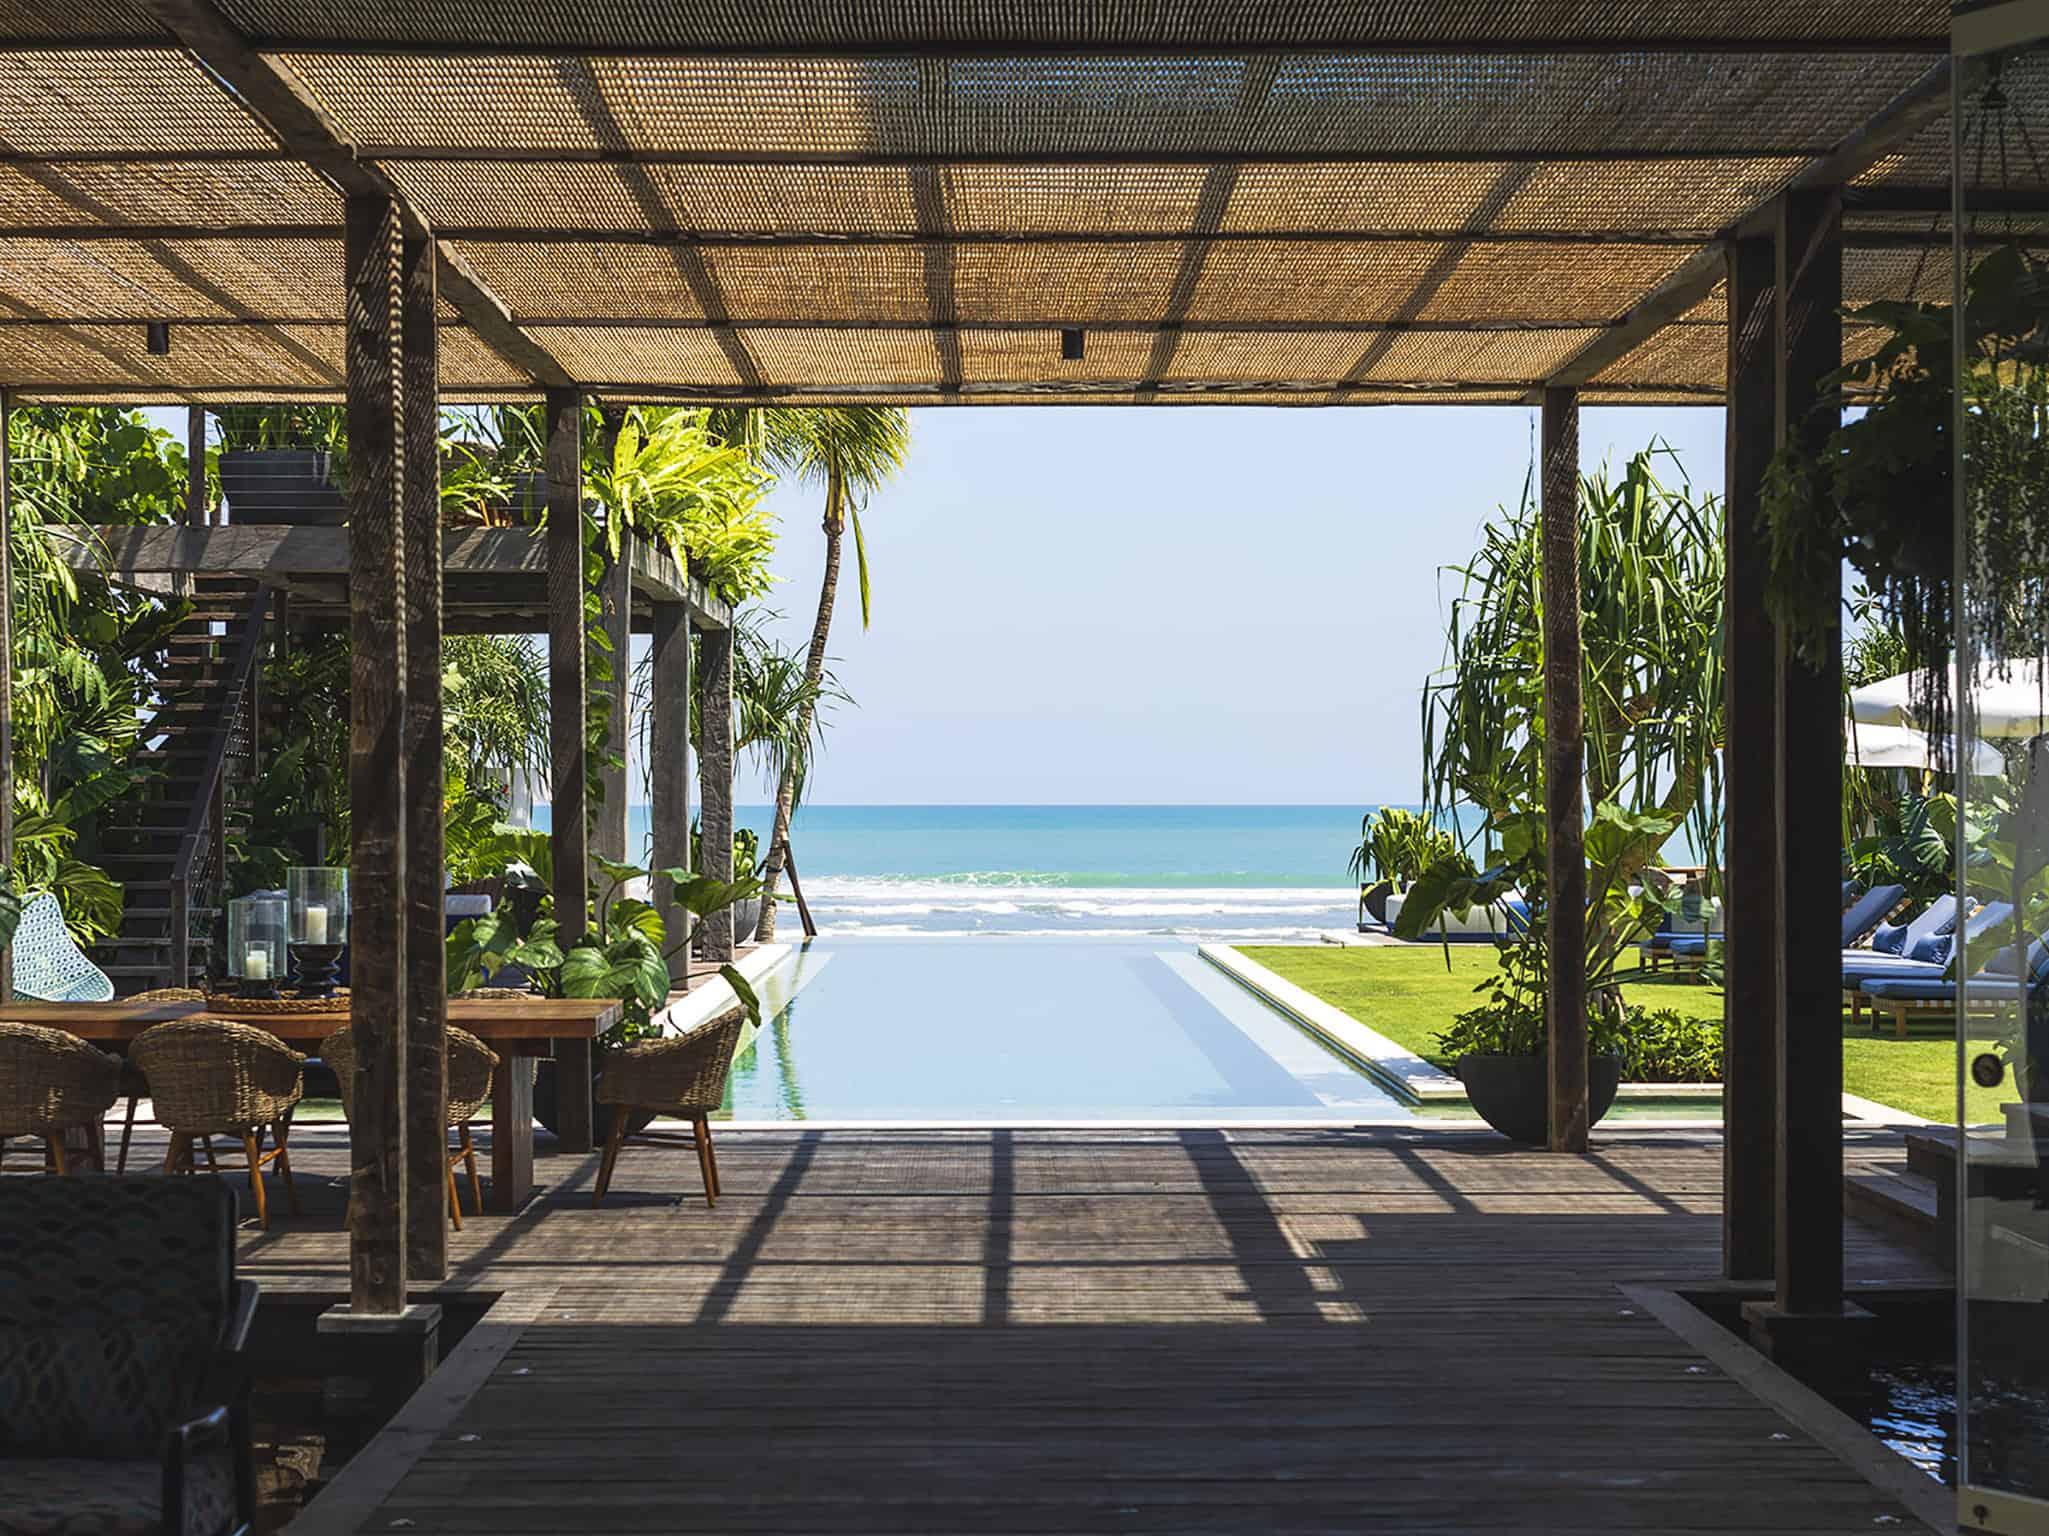 Bali Spring Travel